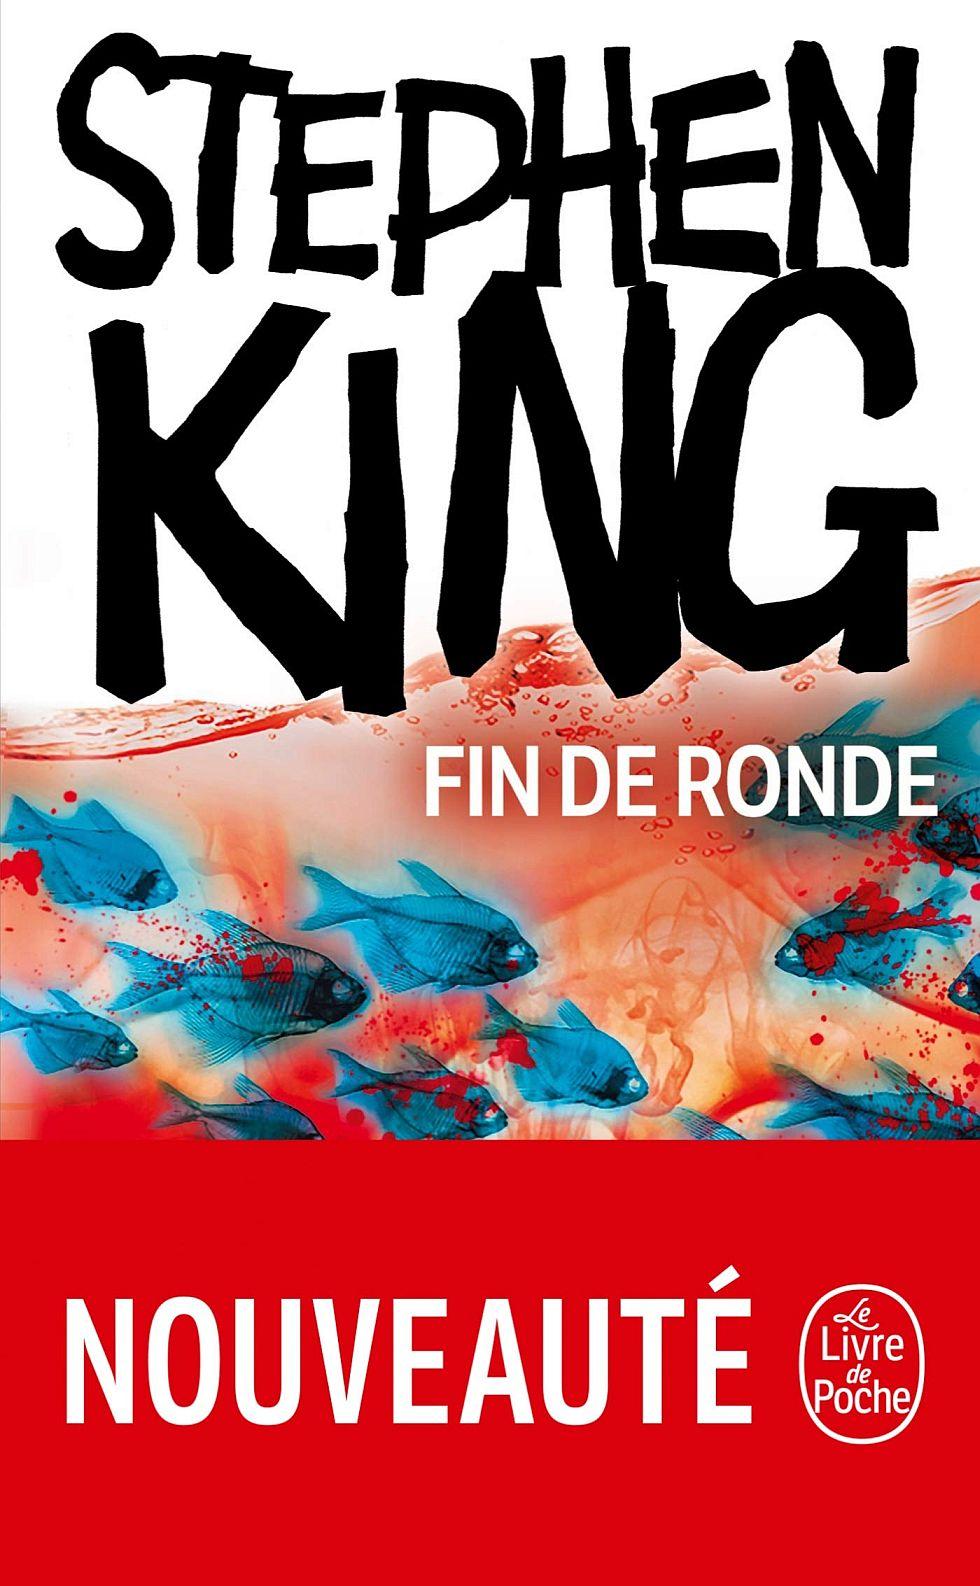 Stephen King Fin De Ronde Lelivredepoche Couverture Bandeau